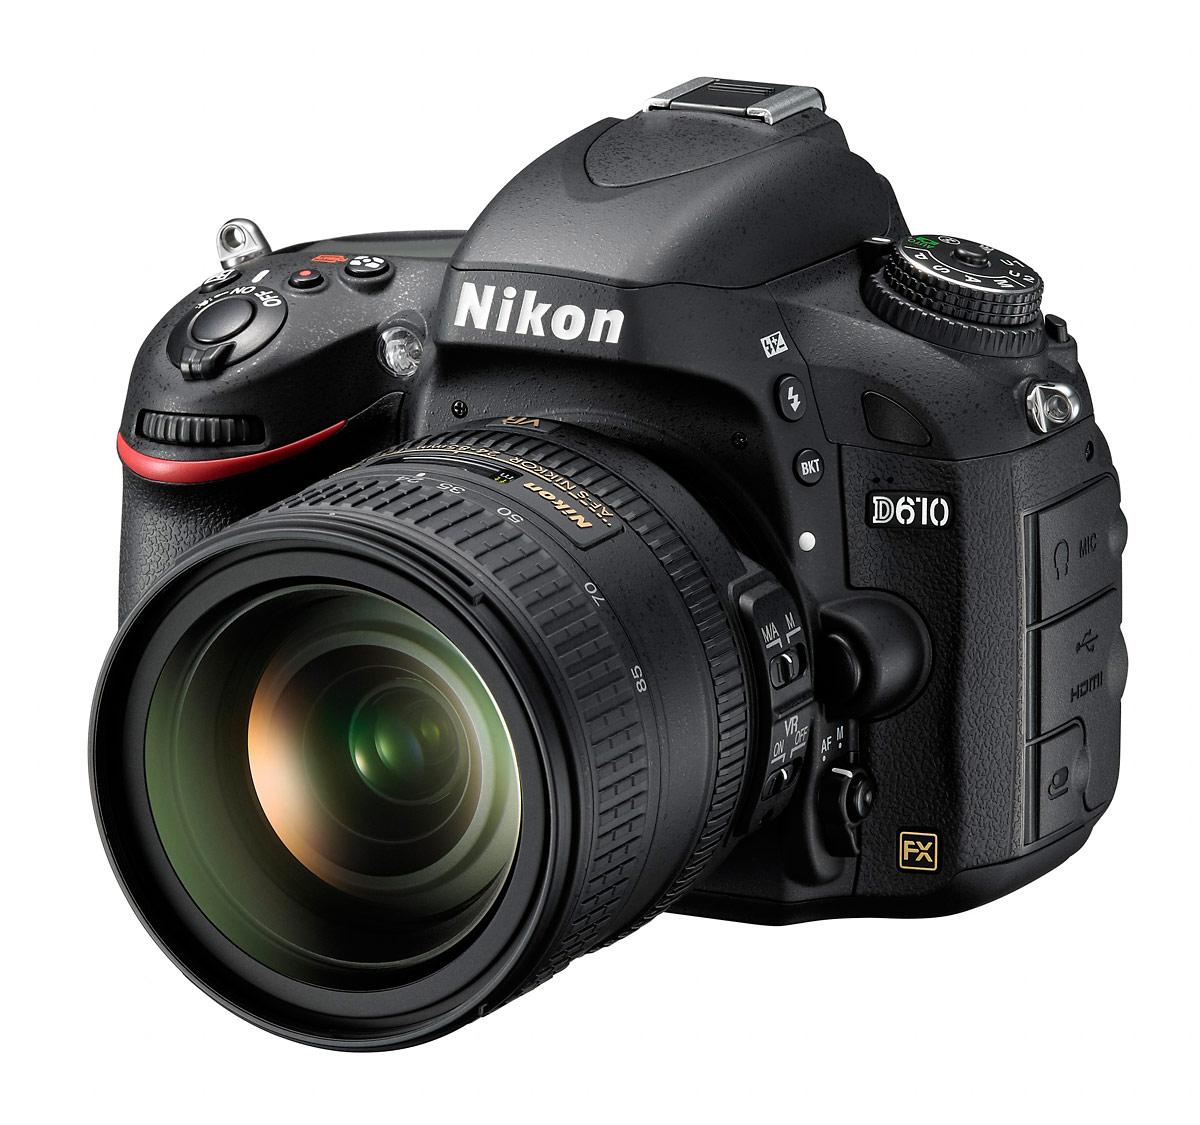 Nikon D610 DSLR - Front Left